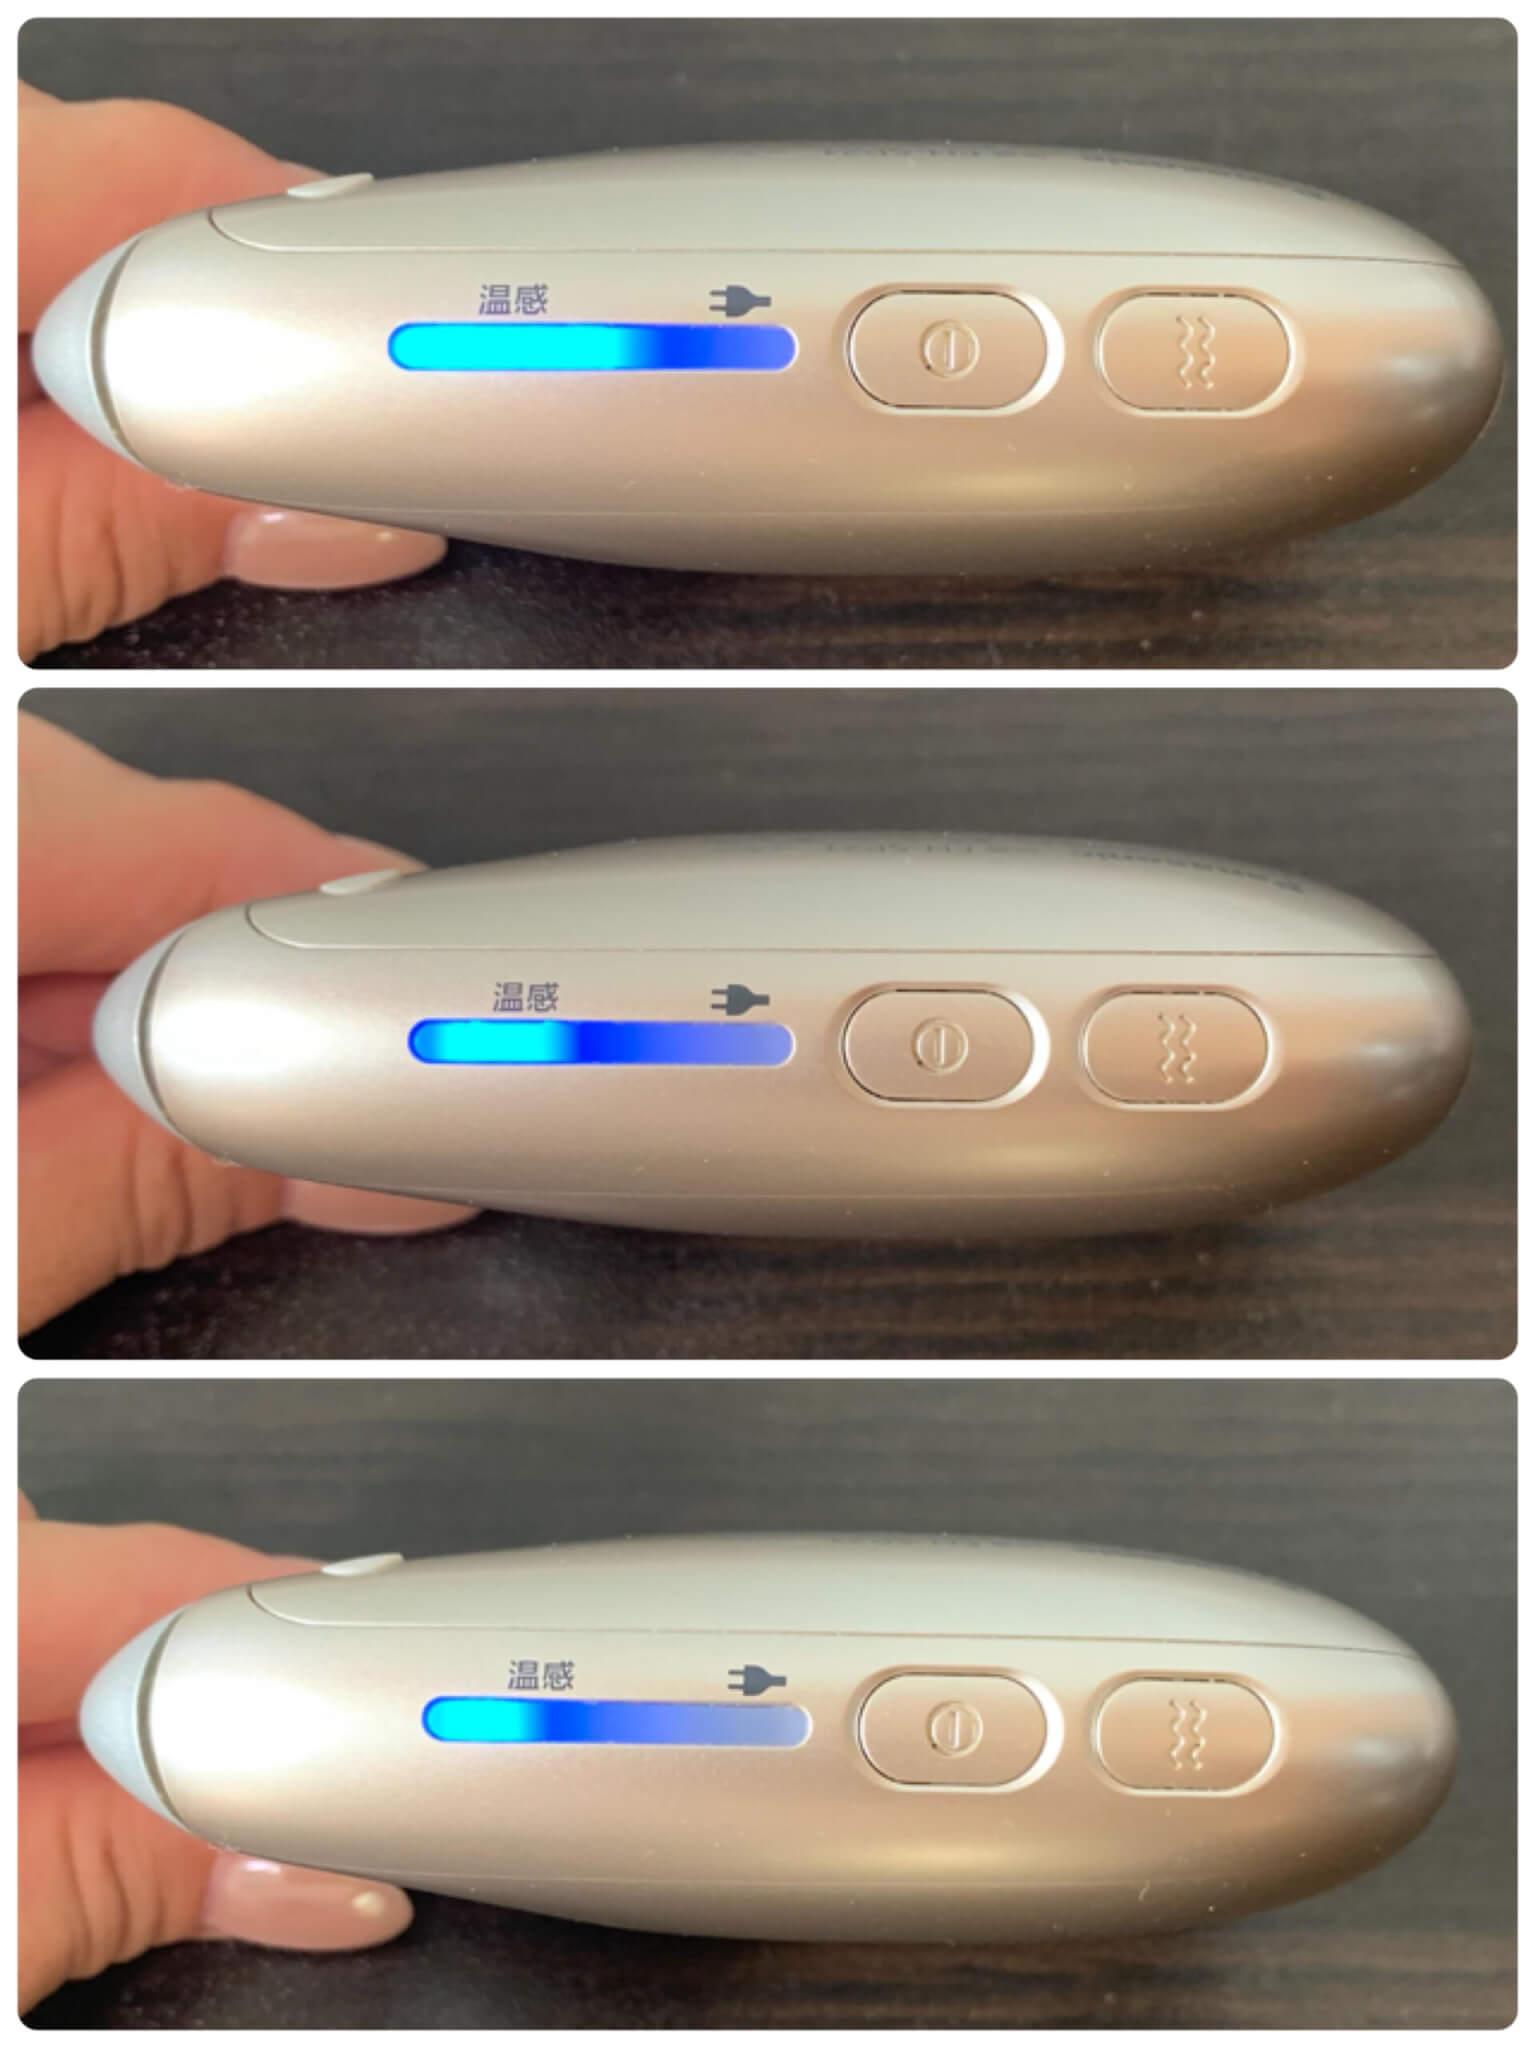 パナソニックのドレナージュ美顔器 温感かっさの使い方を解説